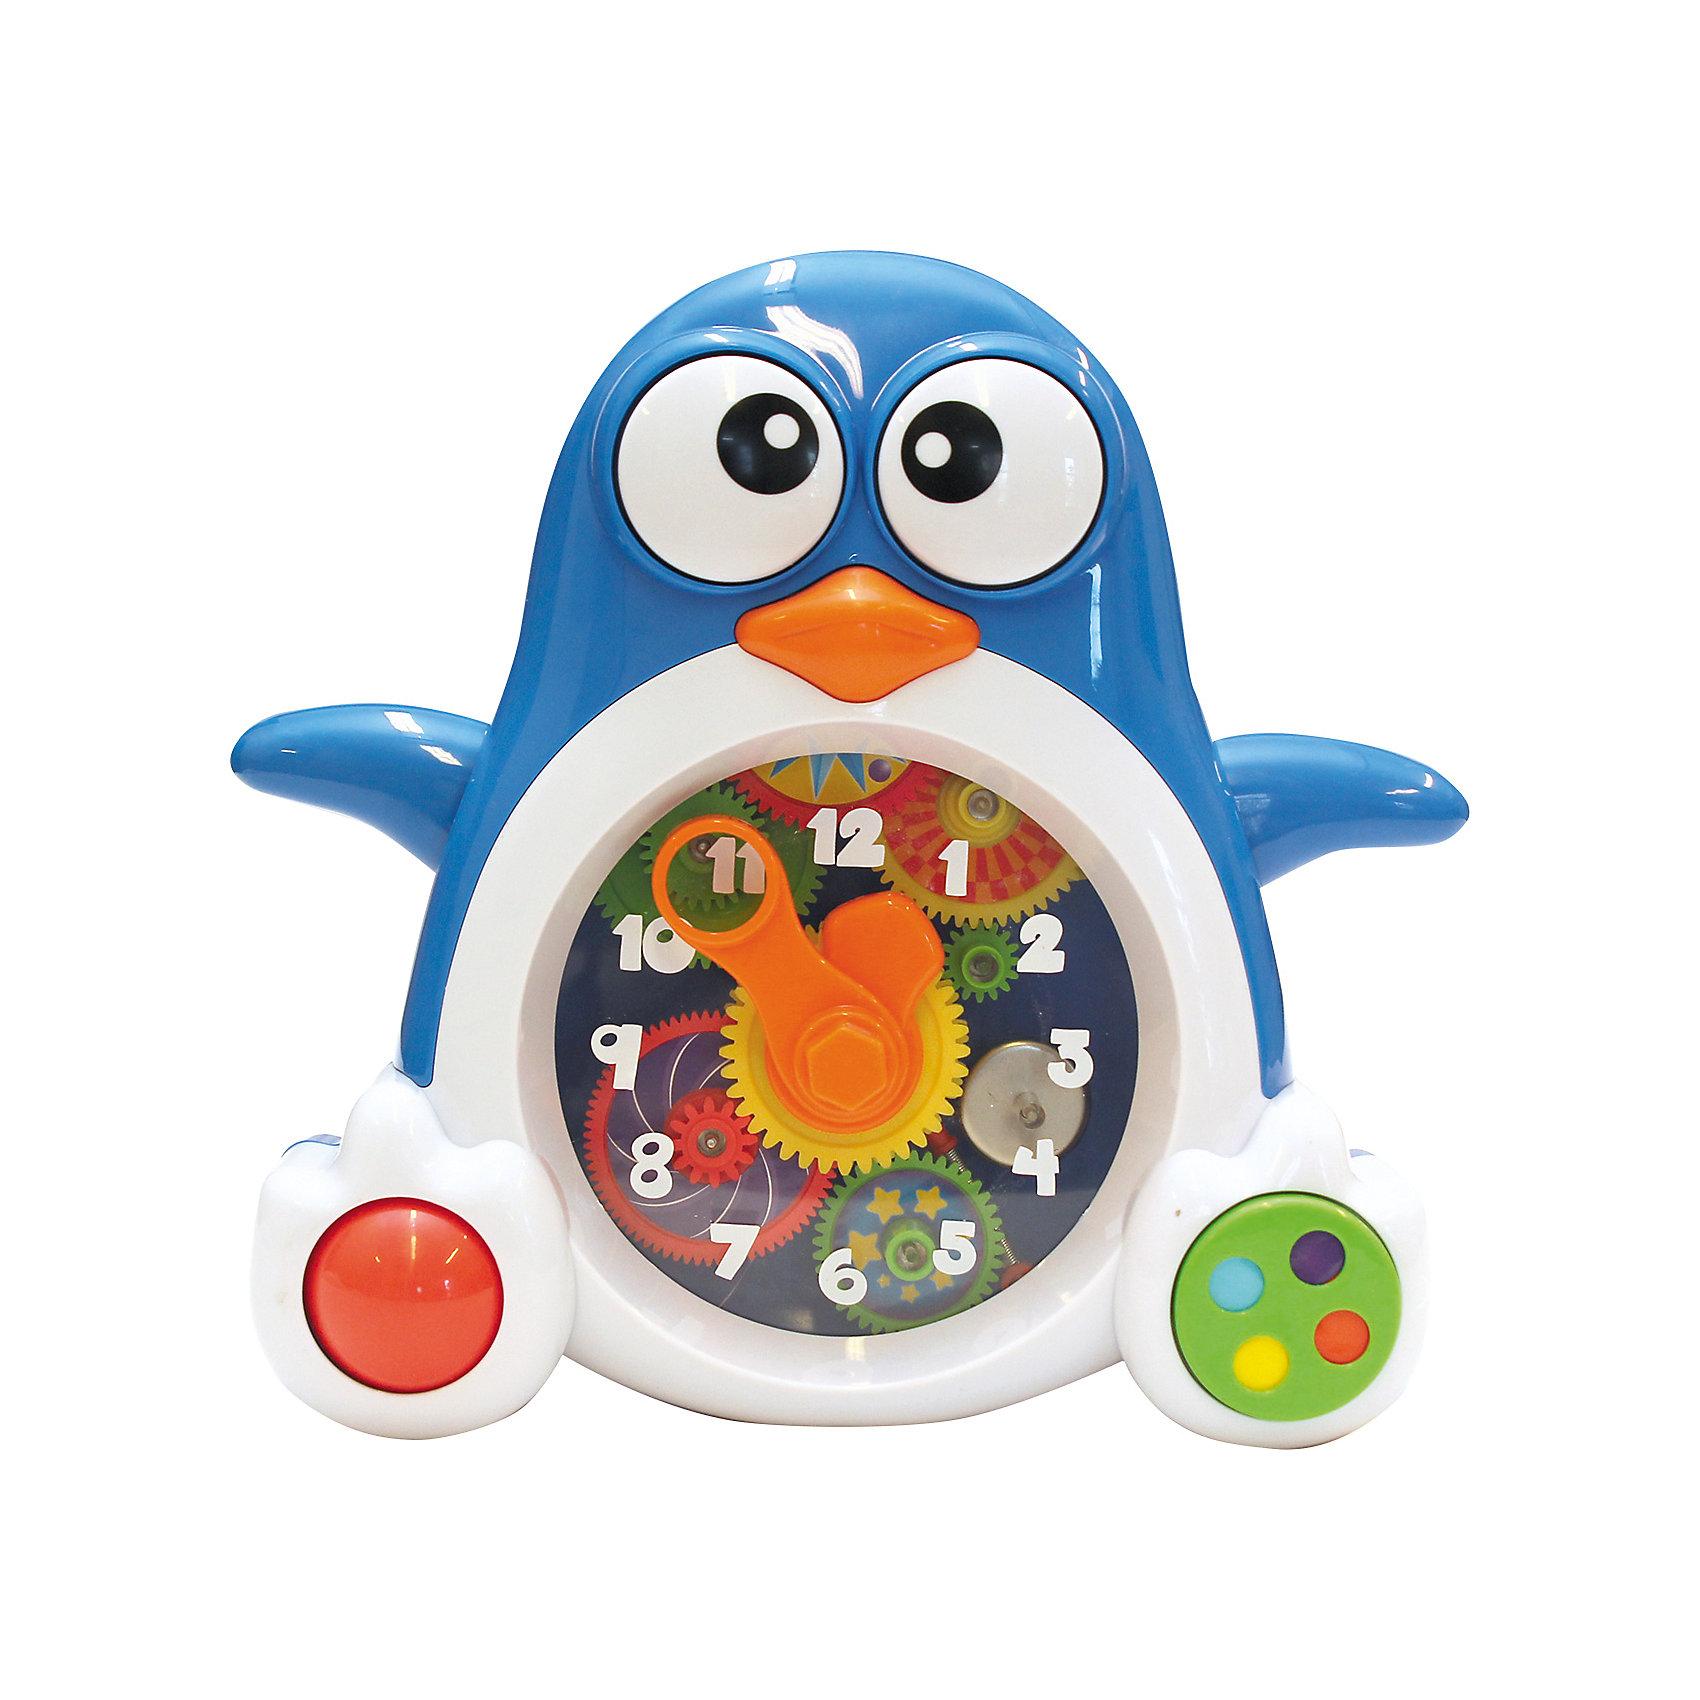 Пингвиненок-часы, KeenwayРазвивающие игрушки<br>Игрушка Пингвиненок-часы от  Keenway - отличный подарок ребенку. Это красочная игрушка, которая обязательно понравится малышу. Она выполнена в виде веселого пингвиненка! Он дополнен звуковыми и световыми эффектами, с помощью которых малыш сможет знакомится с окружающим миром в игровой форме!<br>Игрушка по габаритам идеально подходит для маленьких ручек малыша. Весит совсем немного. Такие игрушки помогают развить мелкую моторику, логическое мышление и воображение ребенка. Эта игрушка выполнена из высококачественного прочного пластика, безопасного для детей.<br>  <br>Дополнительная информация:<br><br>цвет: разноцветный;<br>материал: пластик;<br>размер упаковки: 28 x 28 x 91 см;<br>батарейки: 2ХхАА, в комплекте;<br>вес:  715 г.<br><br>Игрушку Пингвиненок-часы от компании Keenway можно купить в нашем магазине.<br><br>Ширина мм: 380<br>Глубина мм: 390<br>Высота мм: 90<br>Вес г: 936<br>Возраст от месяцев: 36<br>Возраст до месяцев: 120<br>Пол: Унисекс<br>Возраст: Детский<br>SKU: 4810977